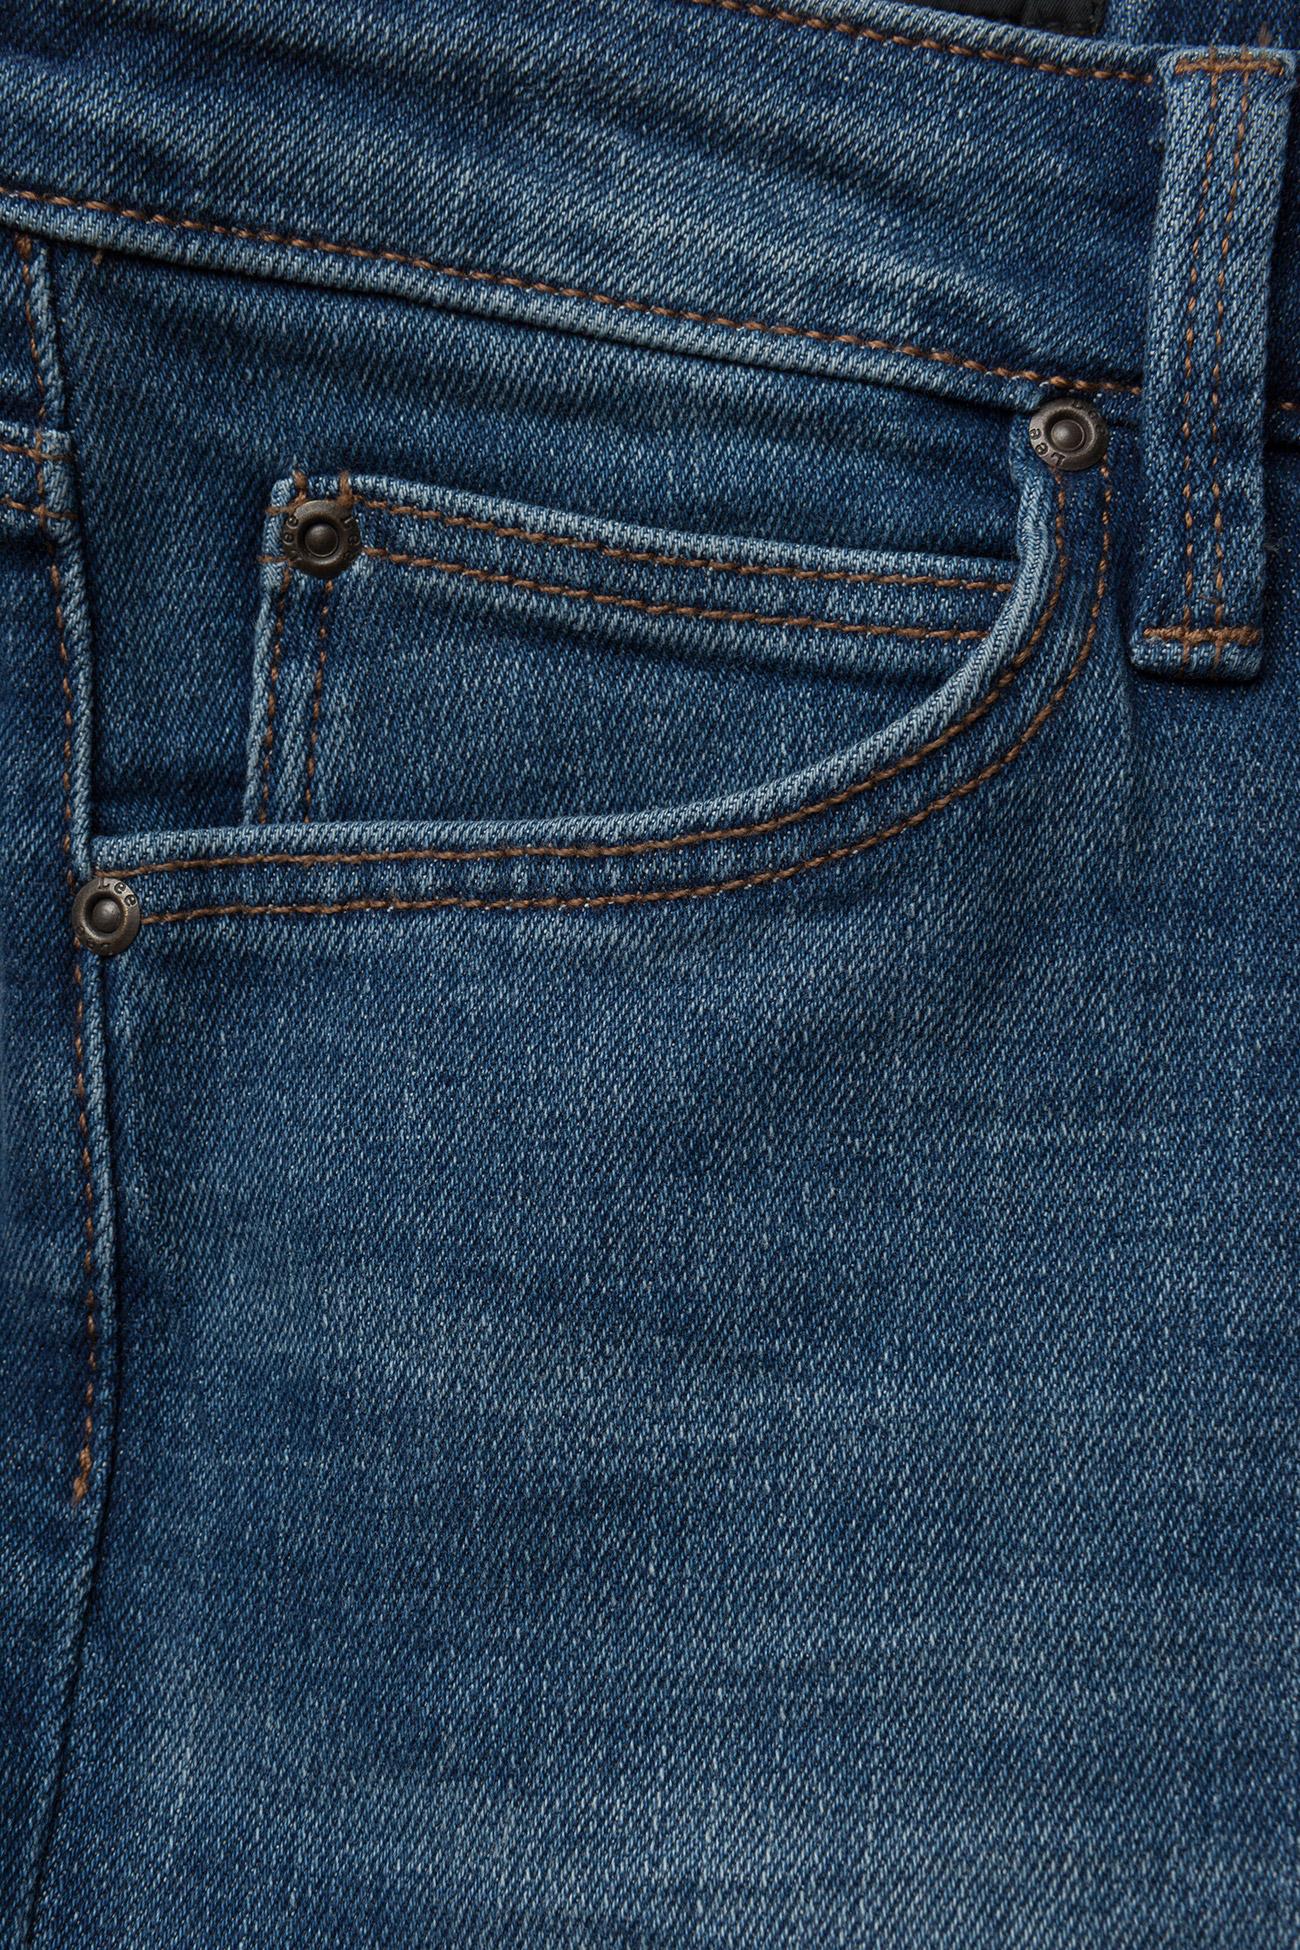 Jeans Ellyblue Ellyblue DropLee DropLee Jeans Ellyblue DropLee iTuOPwkXZl